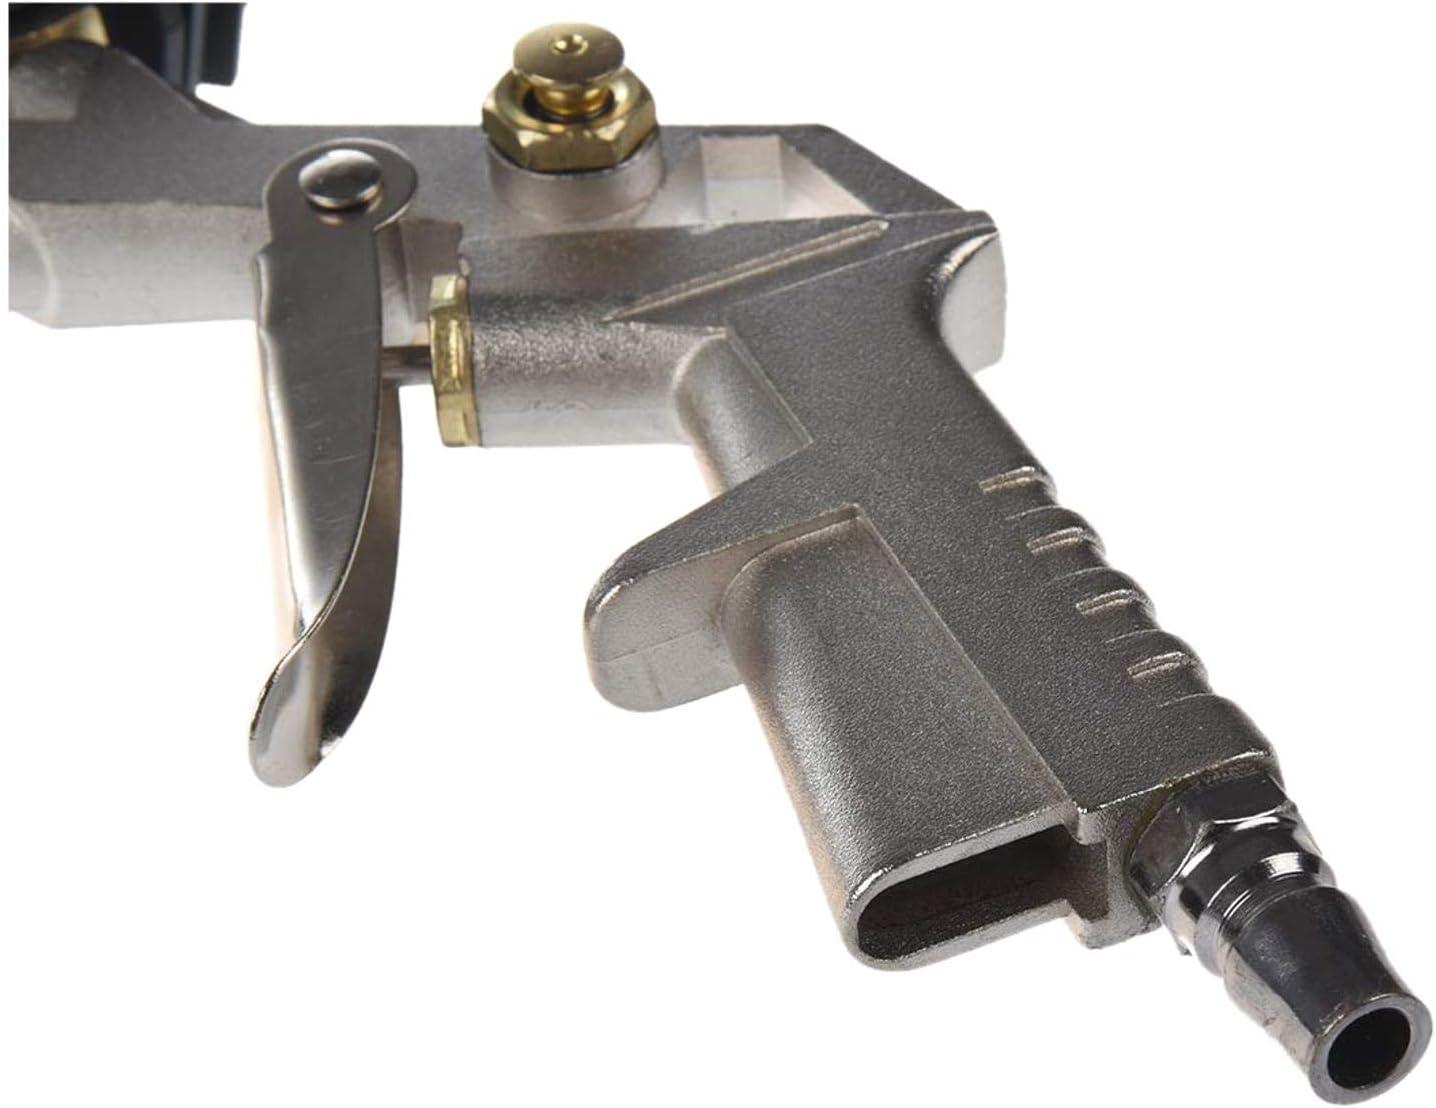 Zeen Herramienta inflador Gauge Tipo de compresor de Aire de la aleaci/ón Conveniente